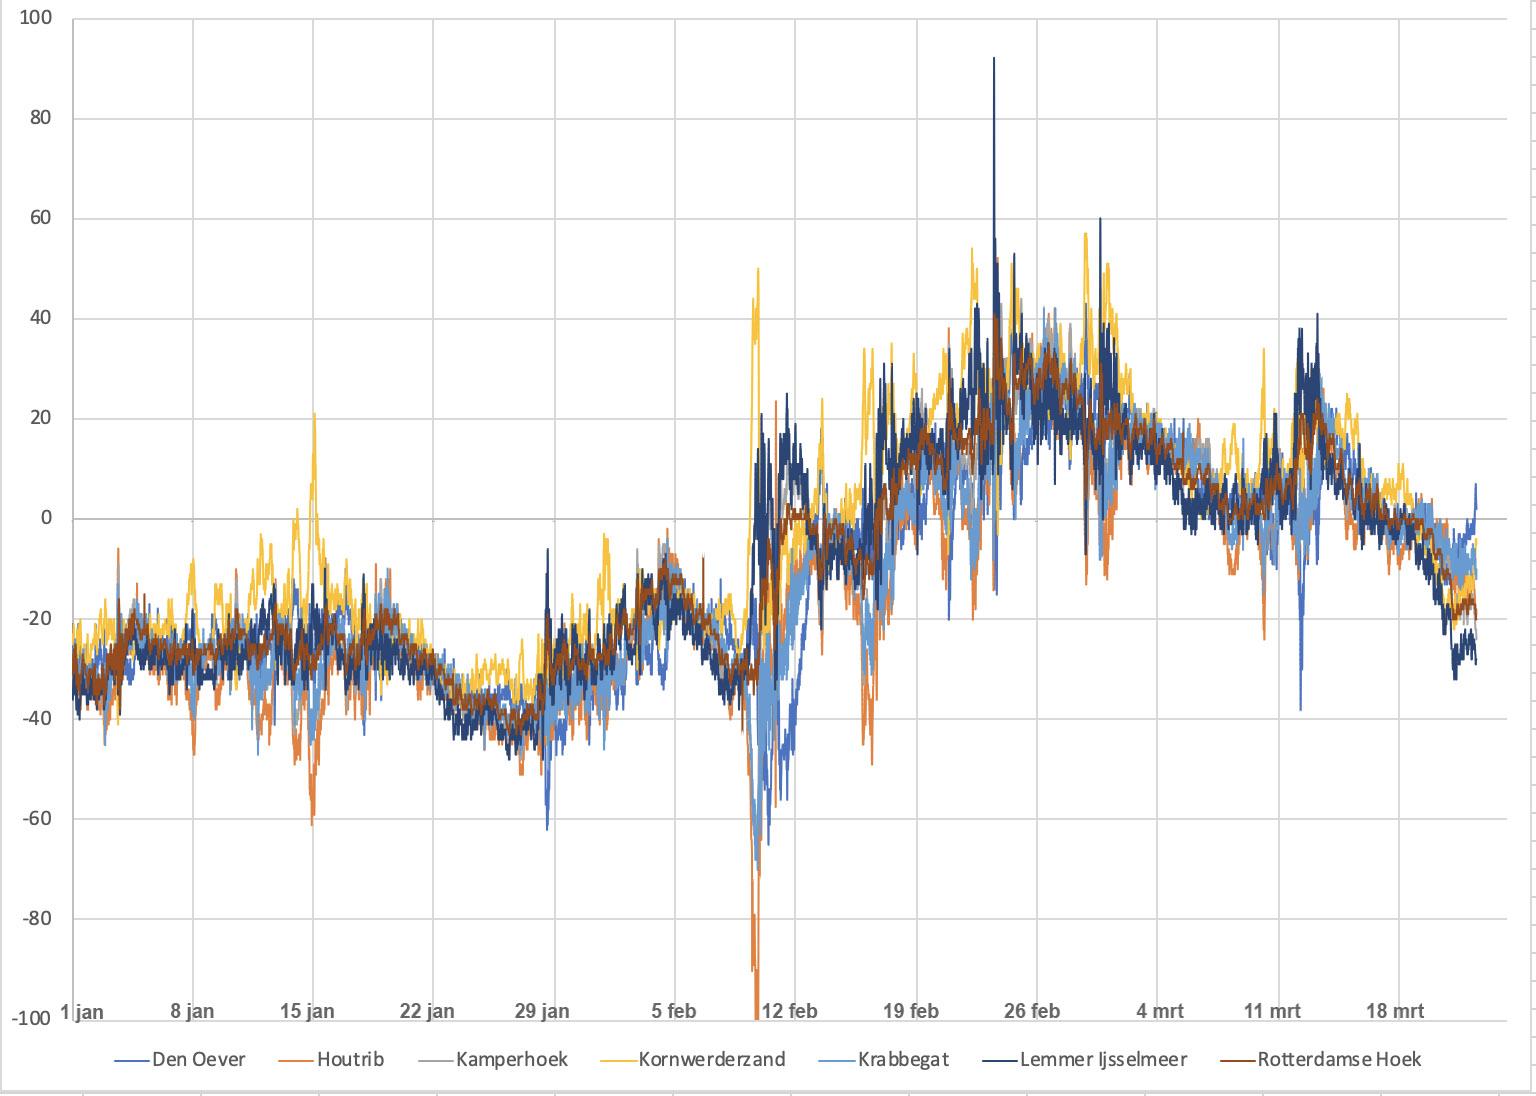 Het peilverloop van de 6 meetstations rond het IJsselmeer van januari t/m maart 2020